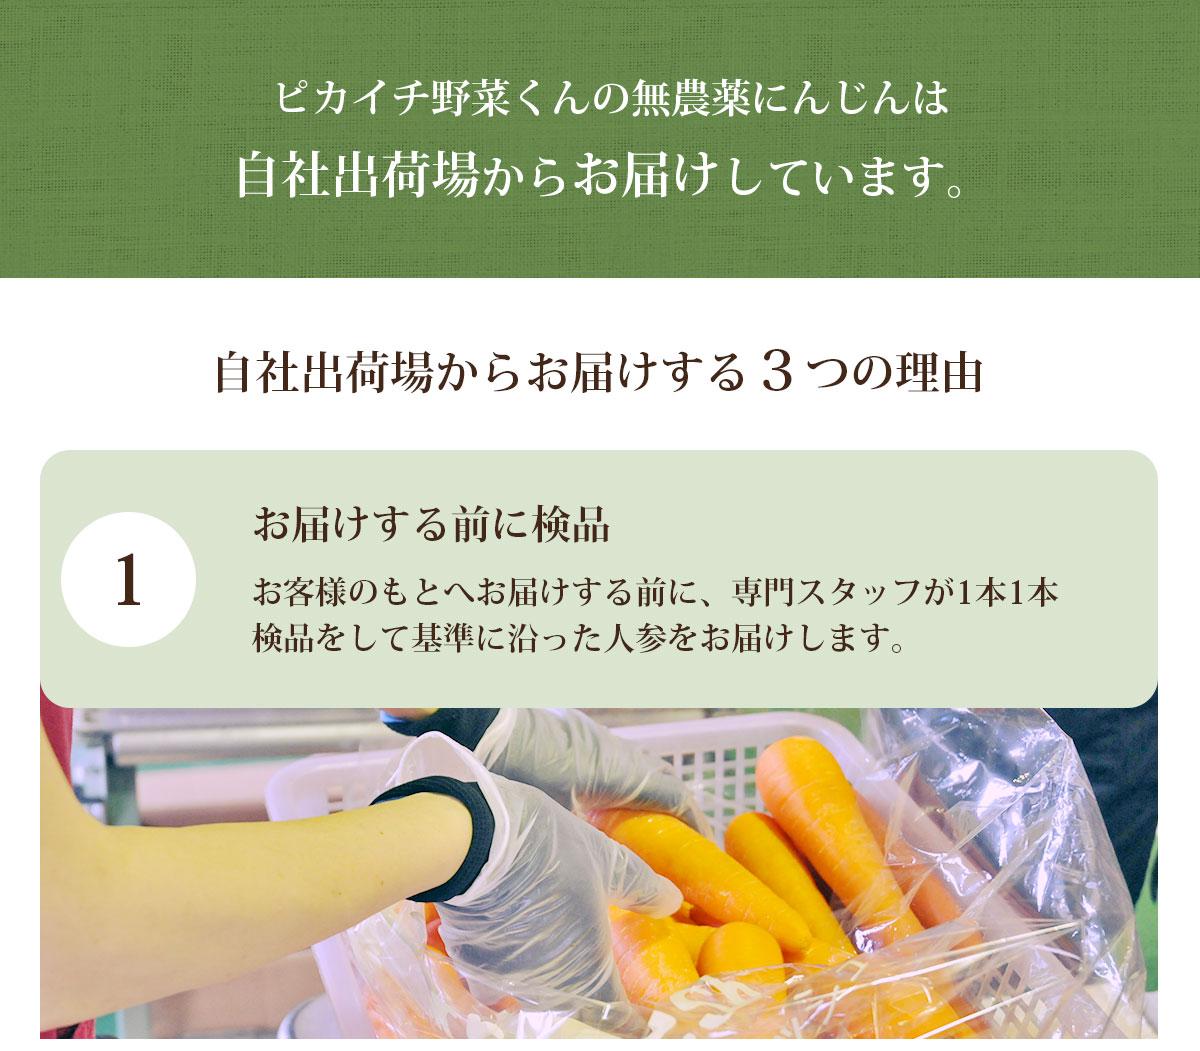 正品 無農薬人参 10kg A品 ギフト用 ジュース用 農薬・化学肥料不使用栽培 ゲルソン療法